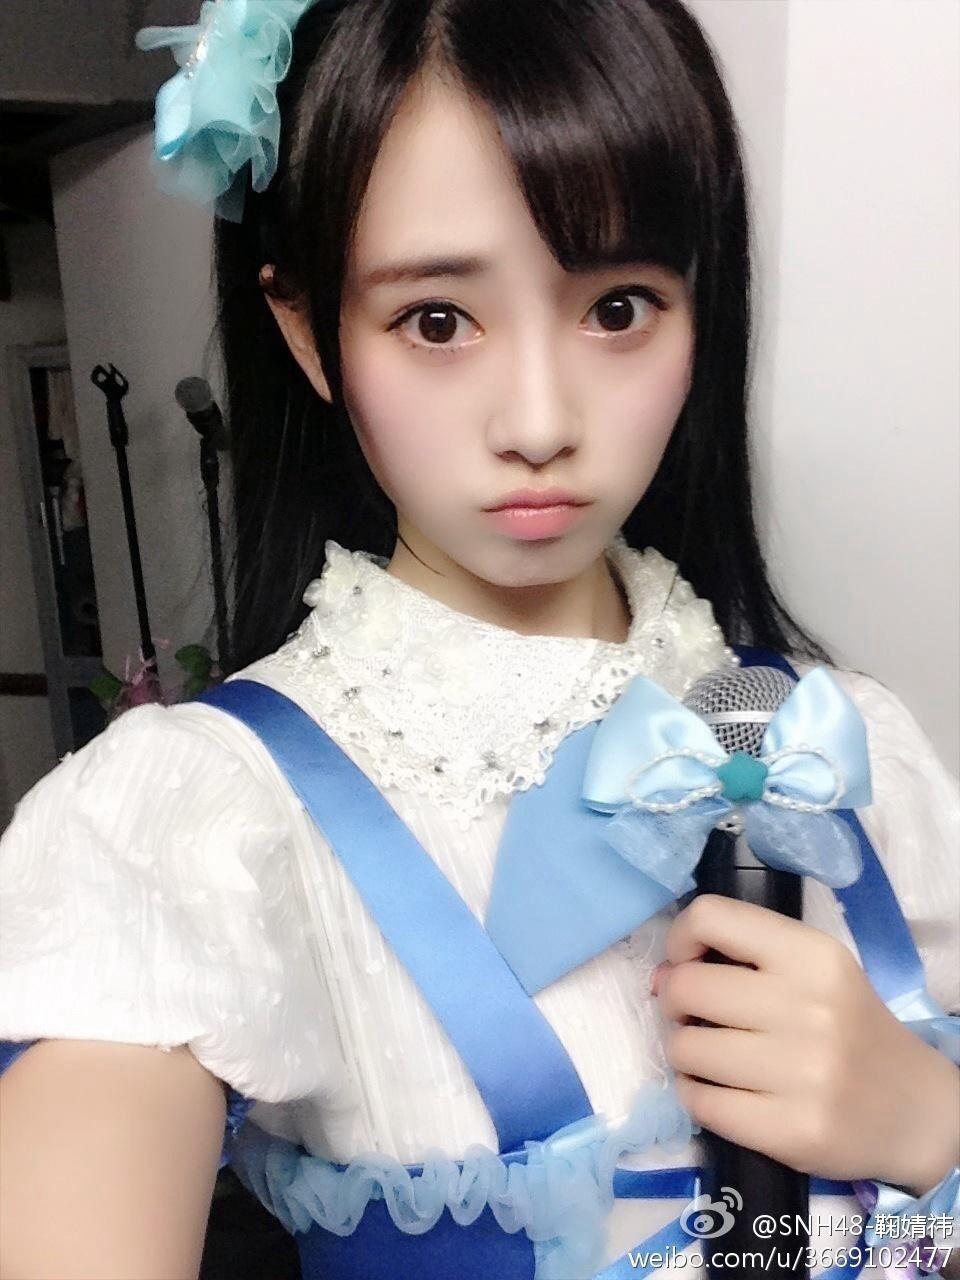 ju jingyi pics on Twitter: 180209…